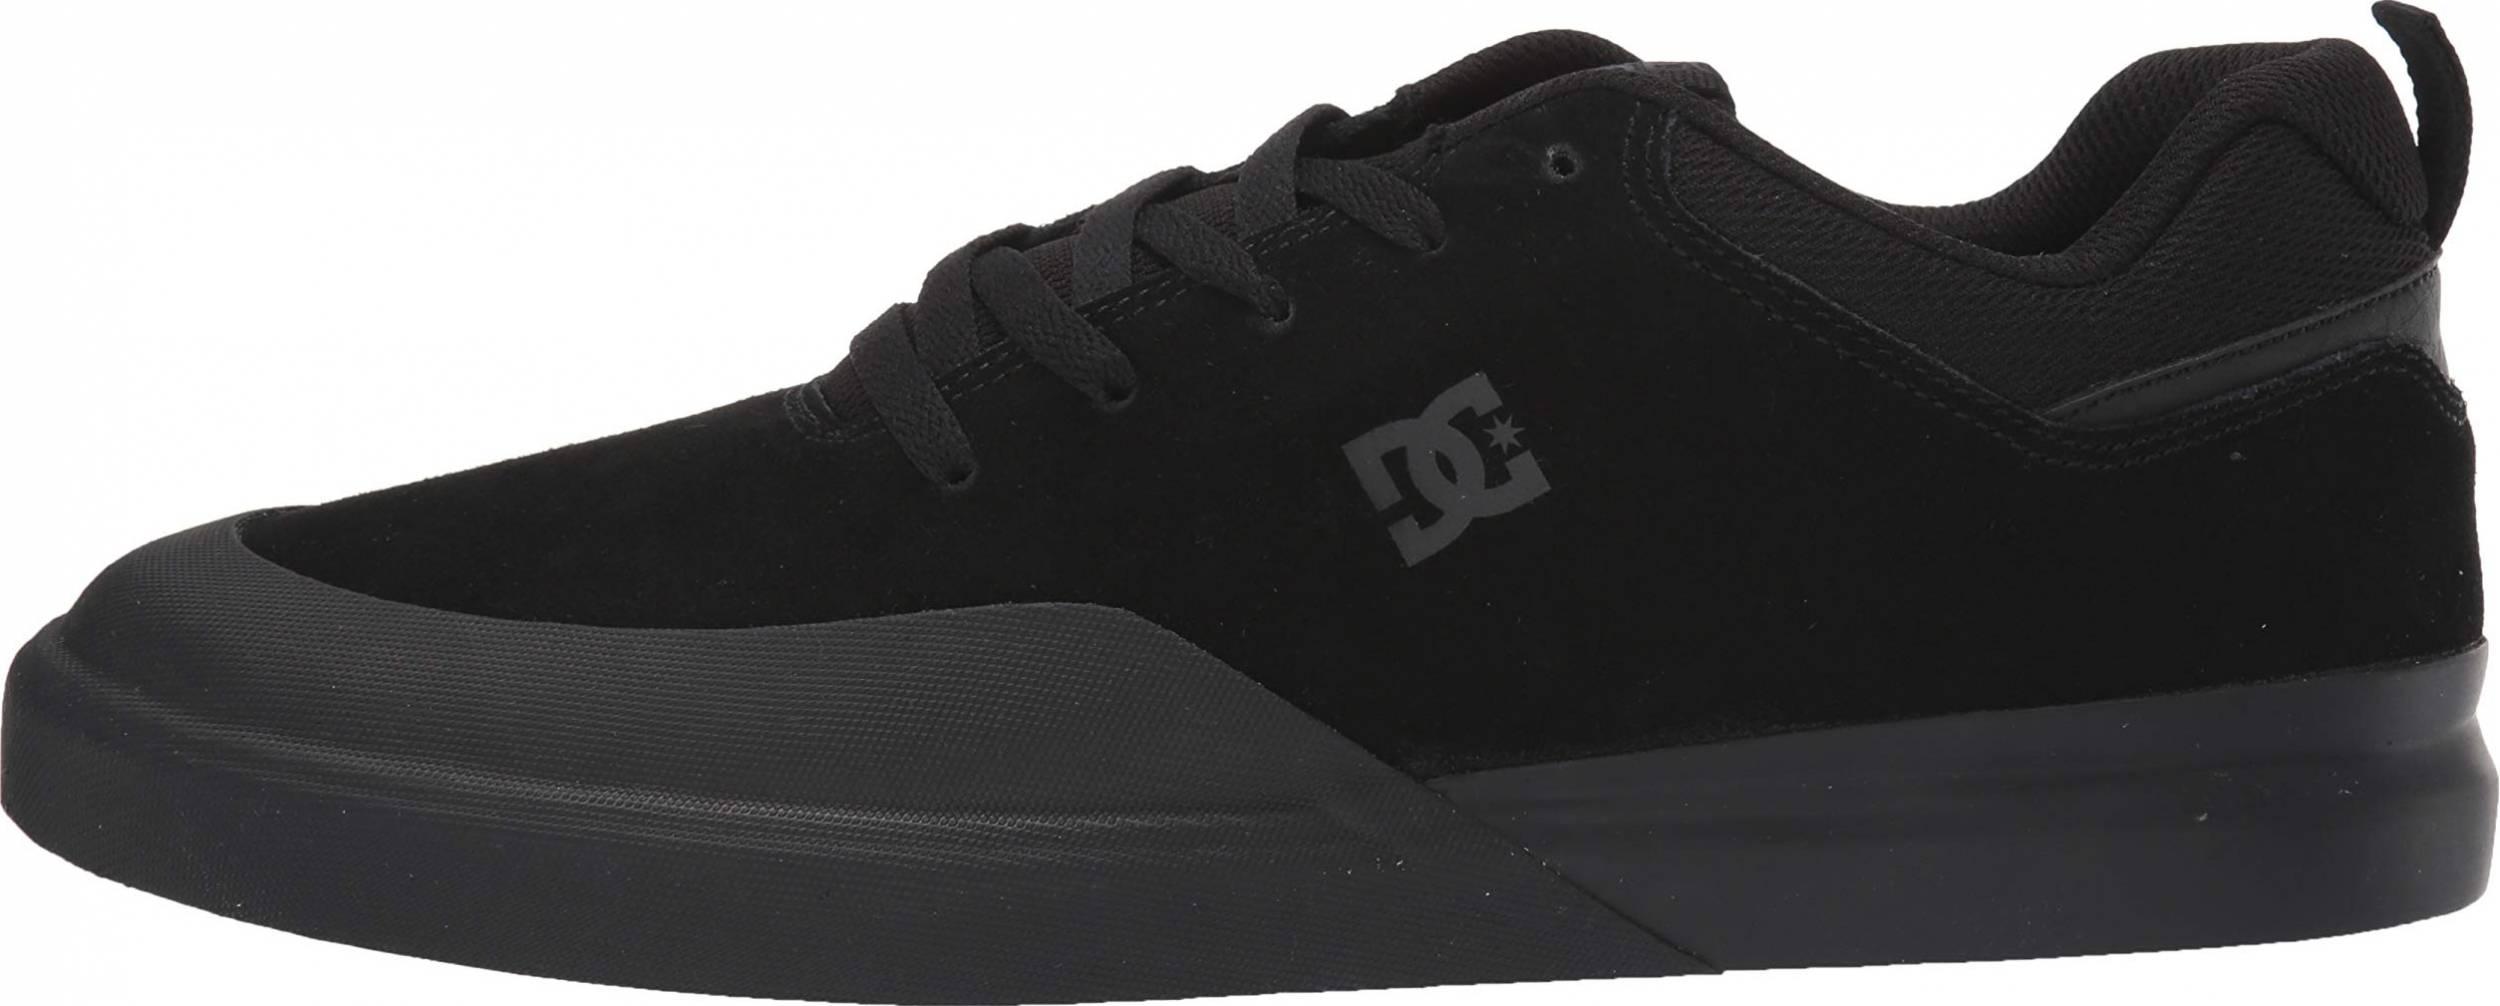 DC Mens Infinite Skate Shoe